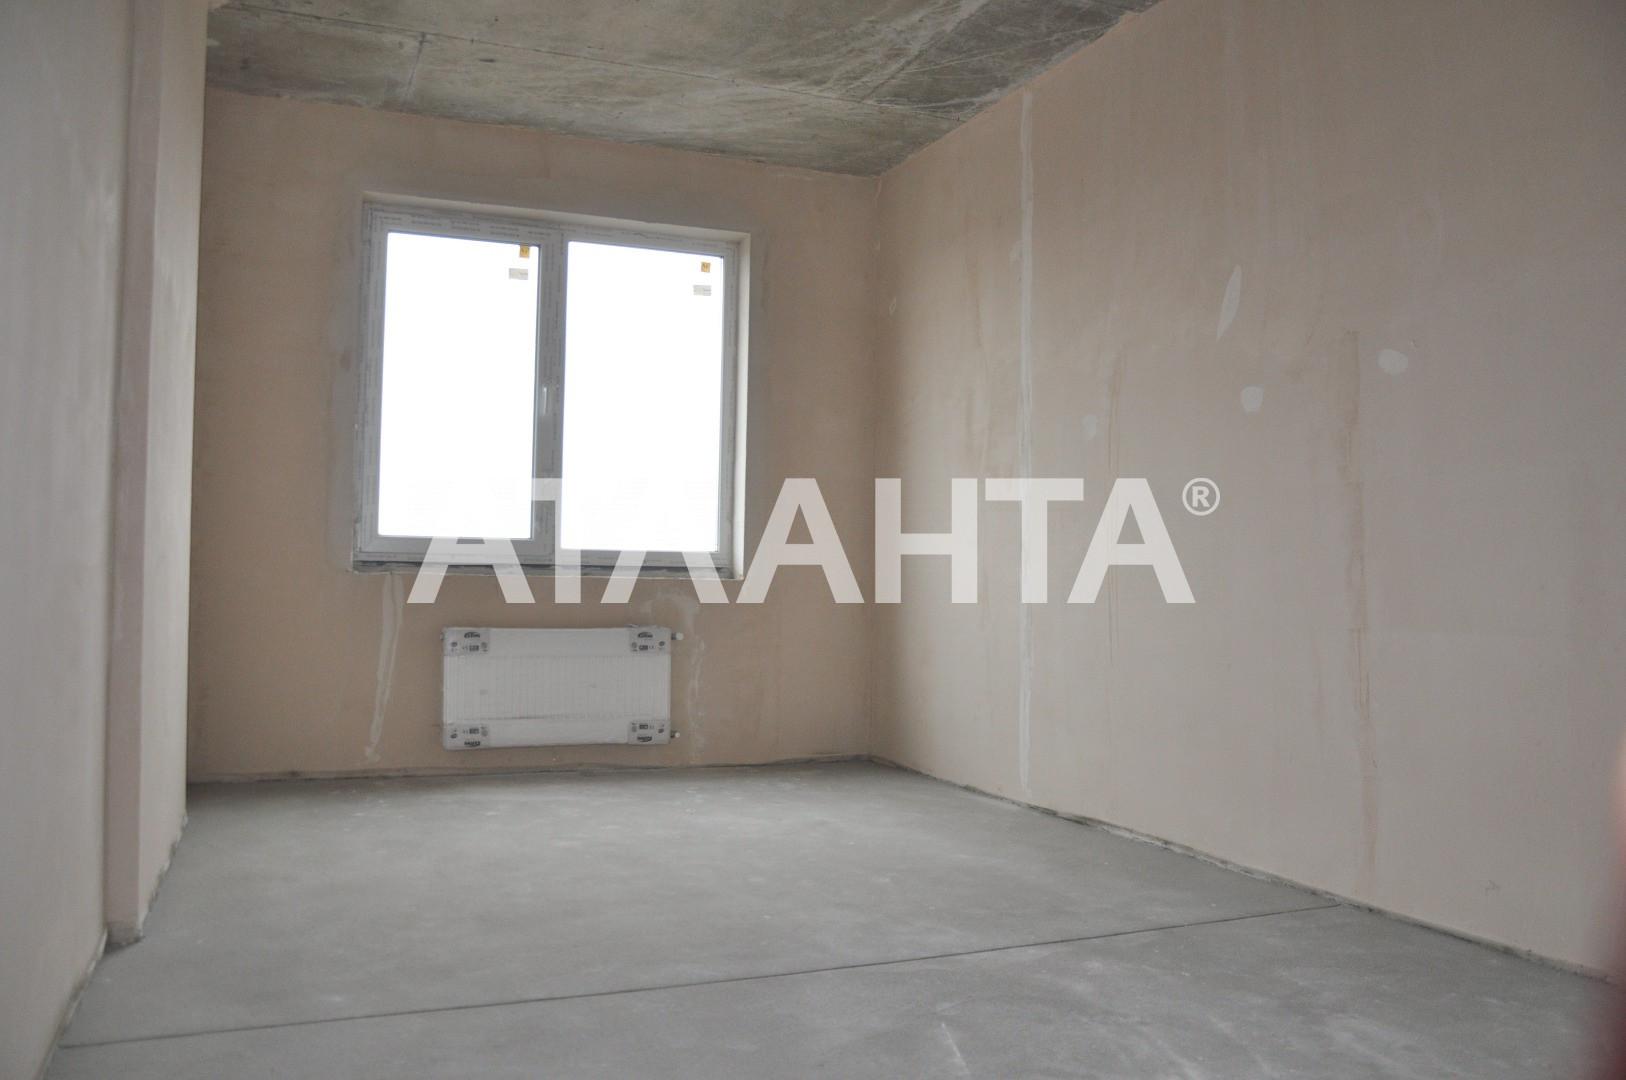 Продается 1-комнатная Квартира на ул. Фонтанская Дор. (Перекопской Дивизии) — 44 000 у.е. (фото №3)